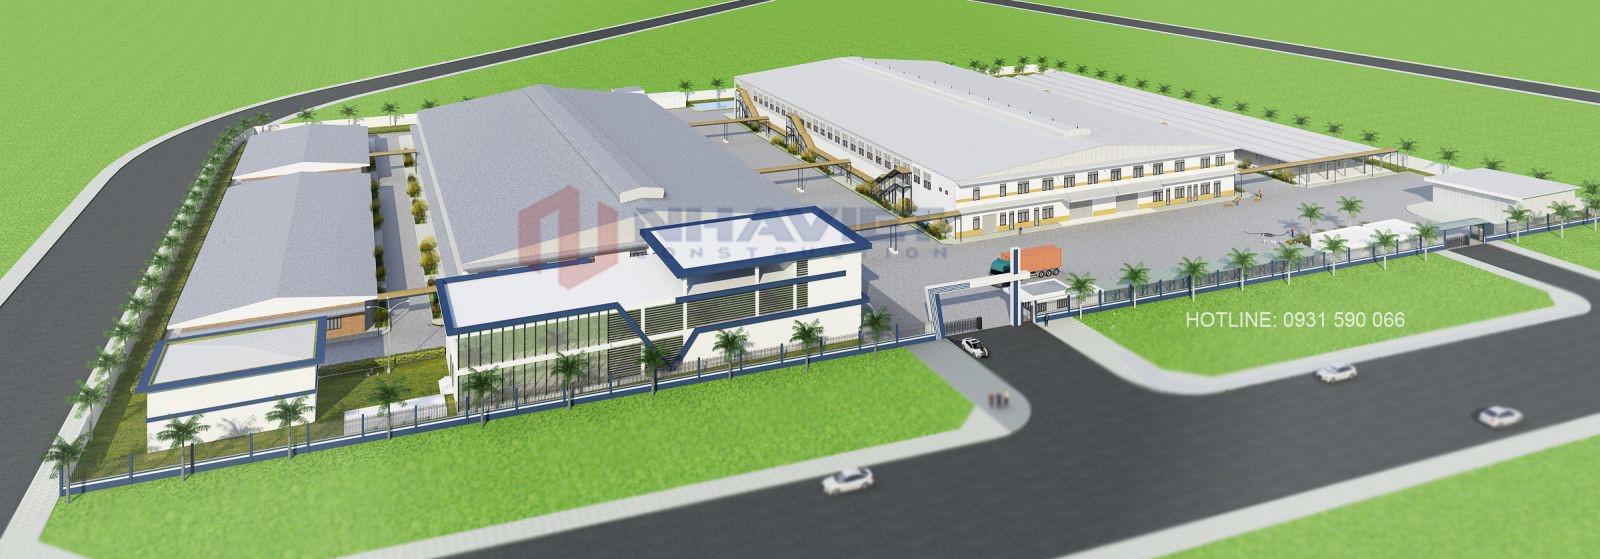 Thiết kế nhà xưởng may công nghiệp 2 tầng hiện đại tại Hải Phòng